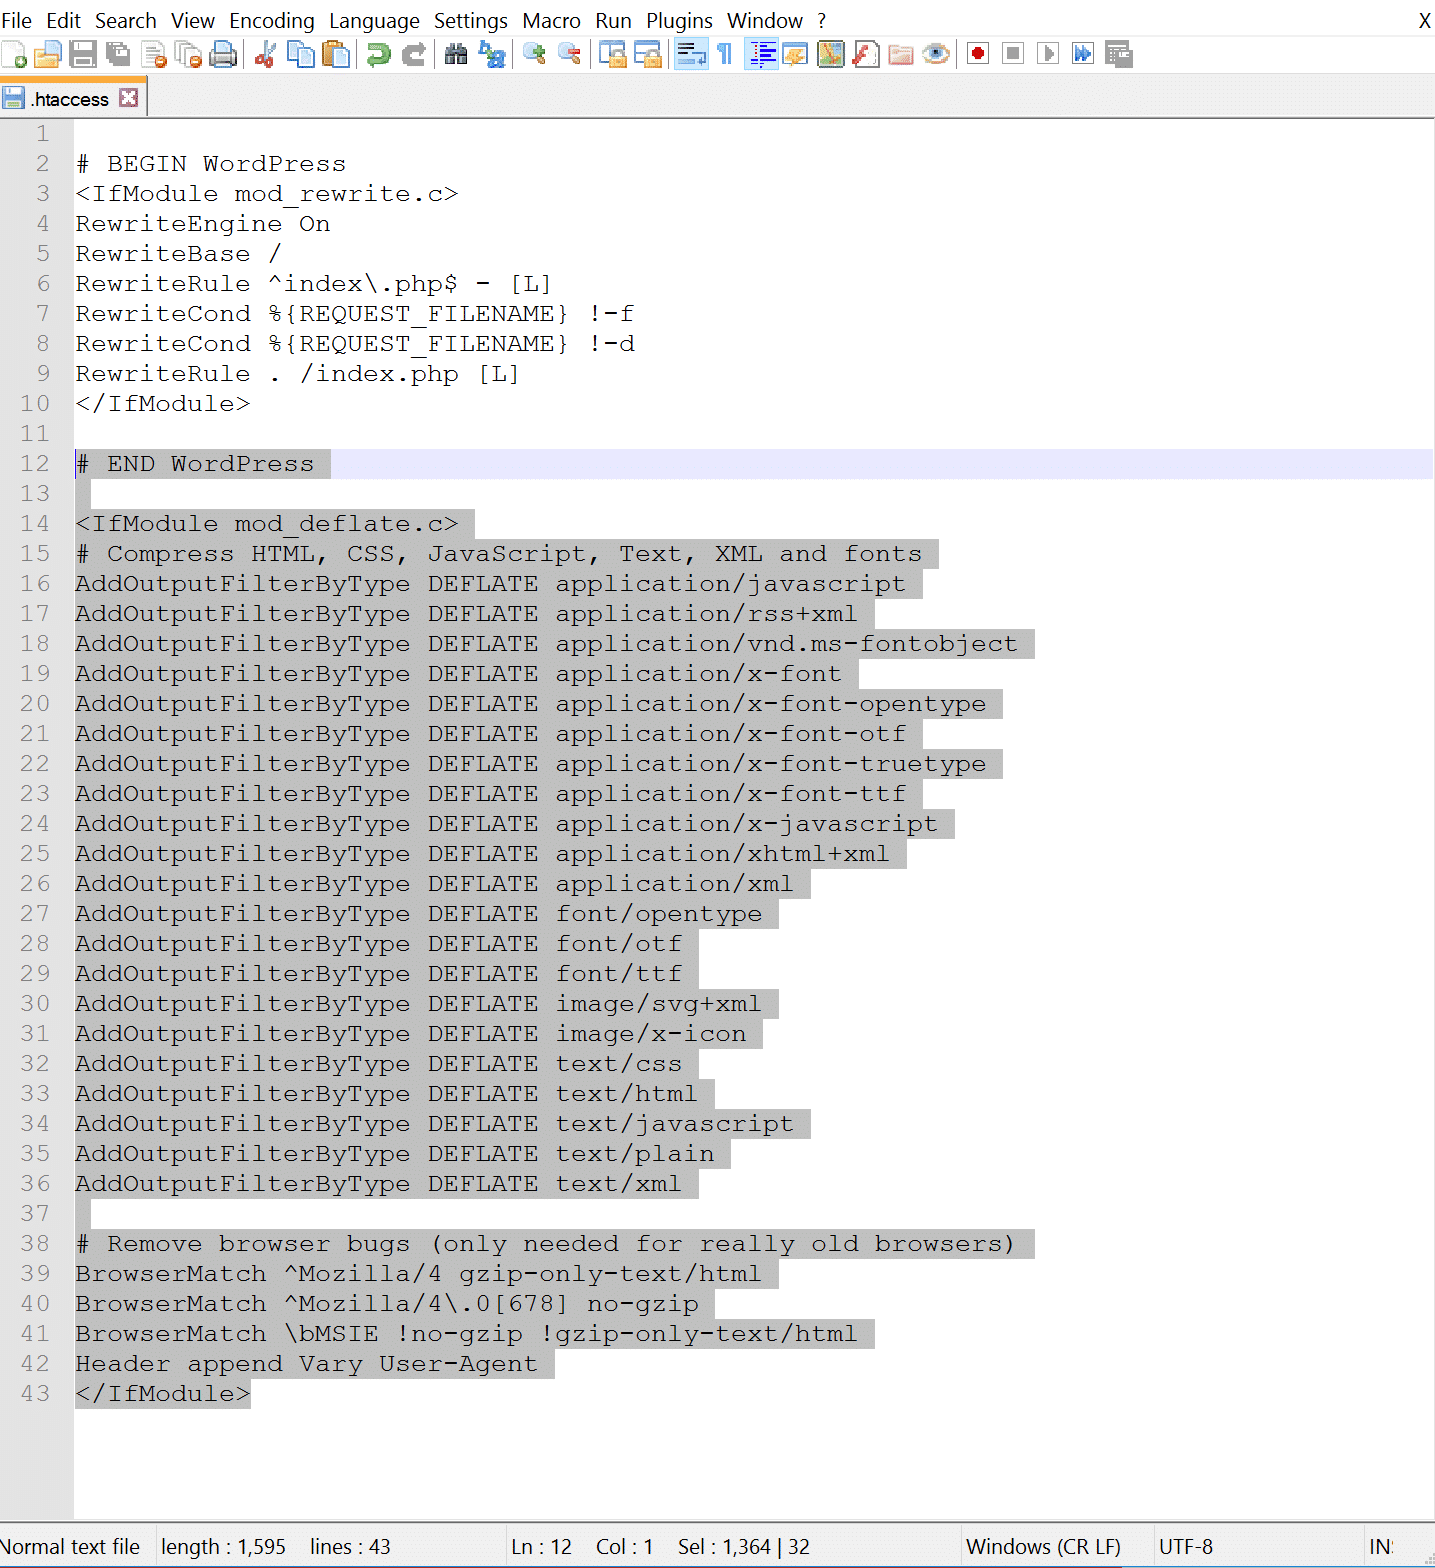 Aggiungere codice gzip